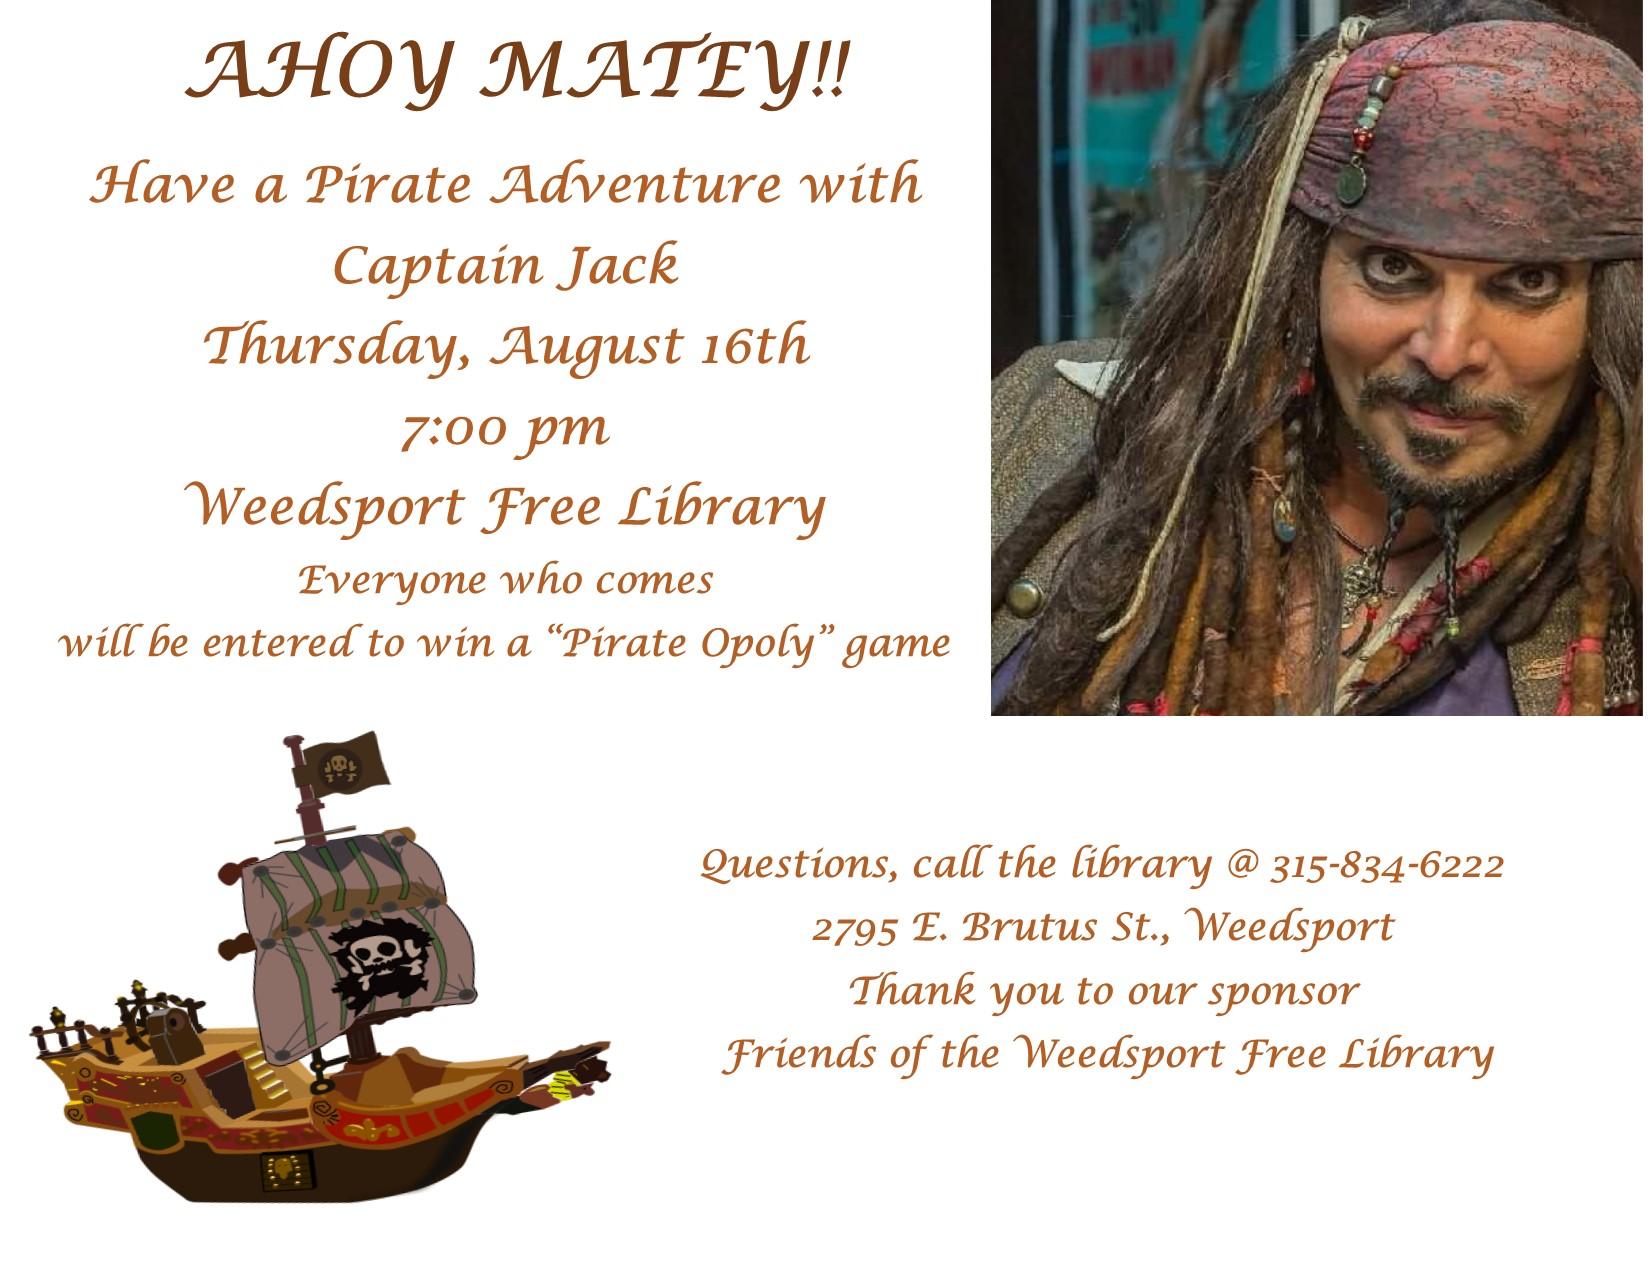 CaptainJack0818.jpg